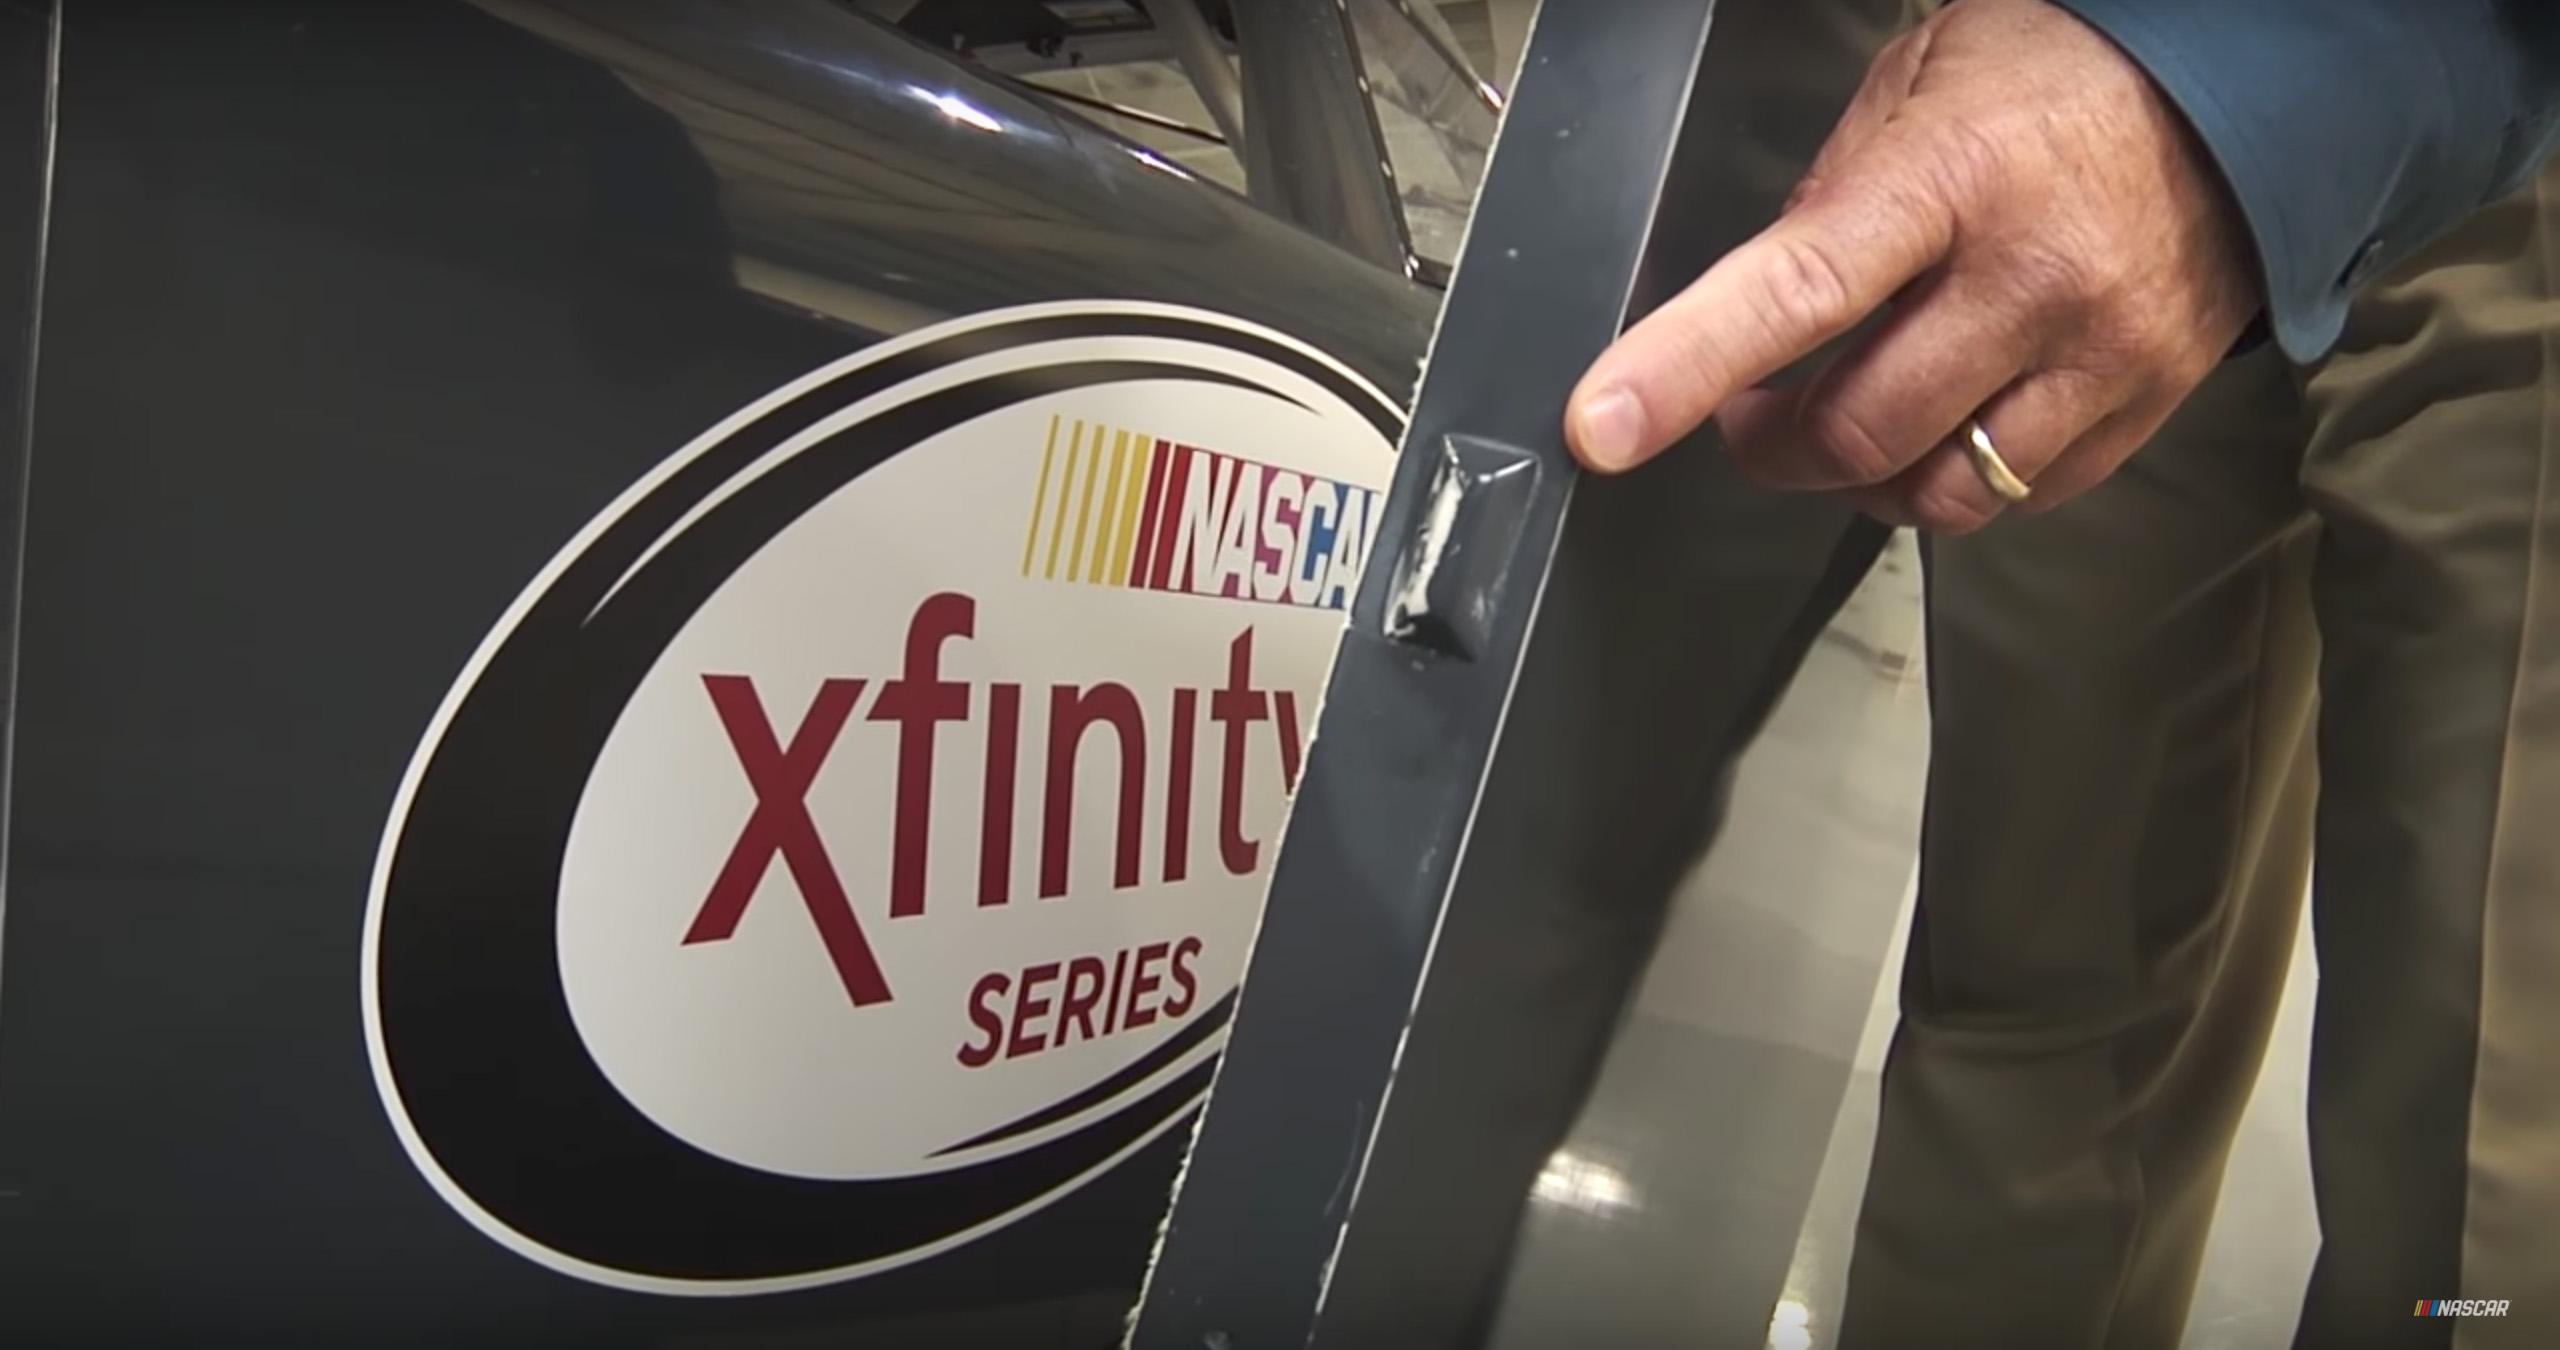 NASCAR flange-fit body hinge